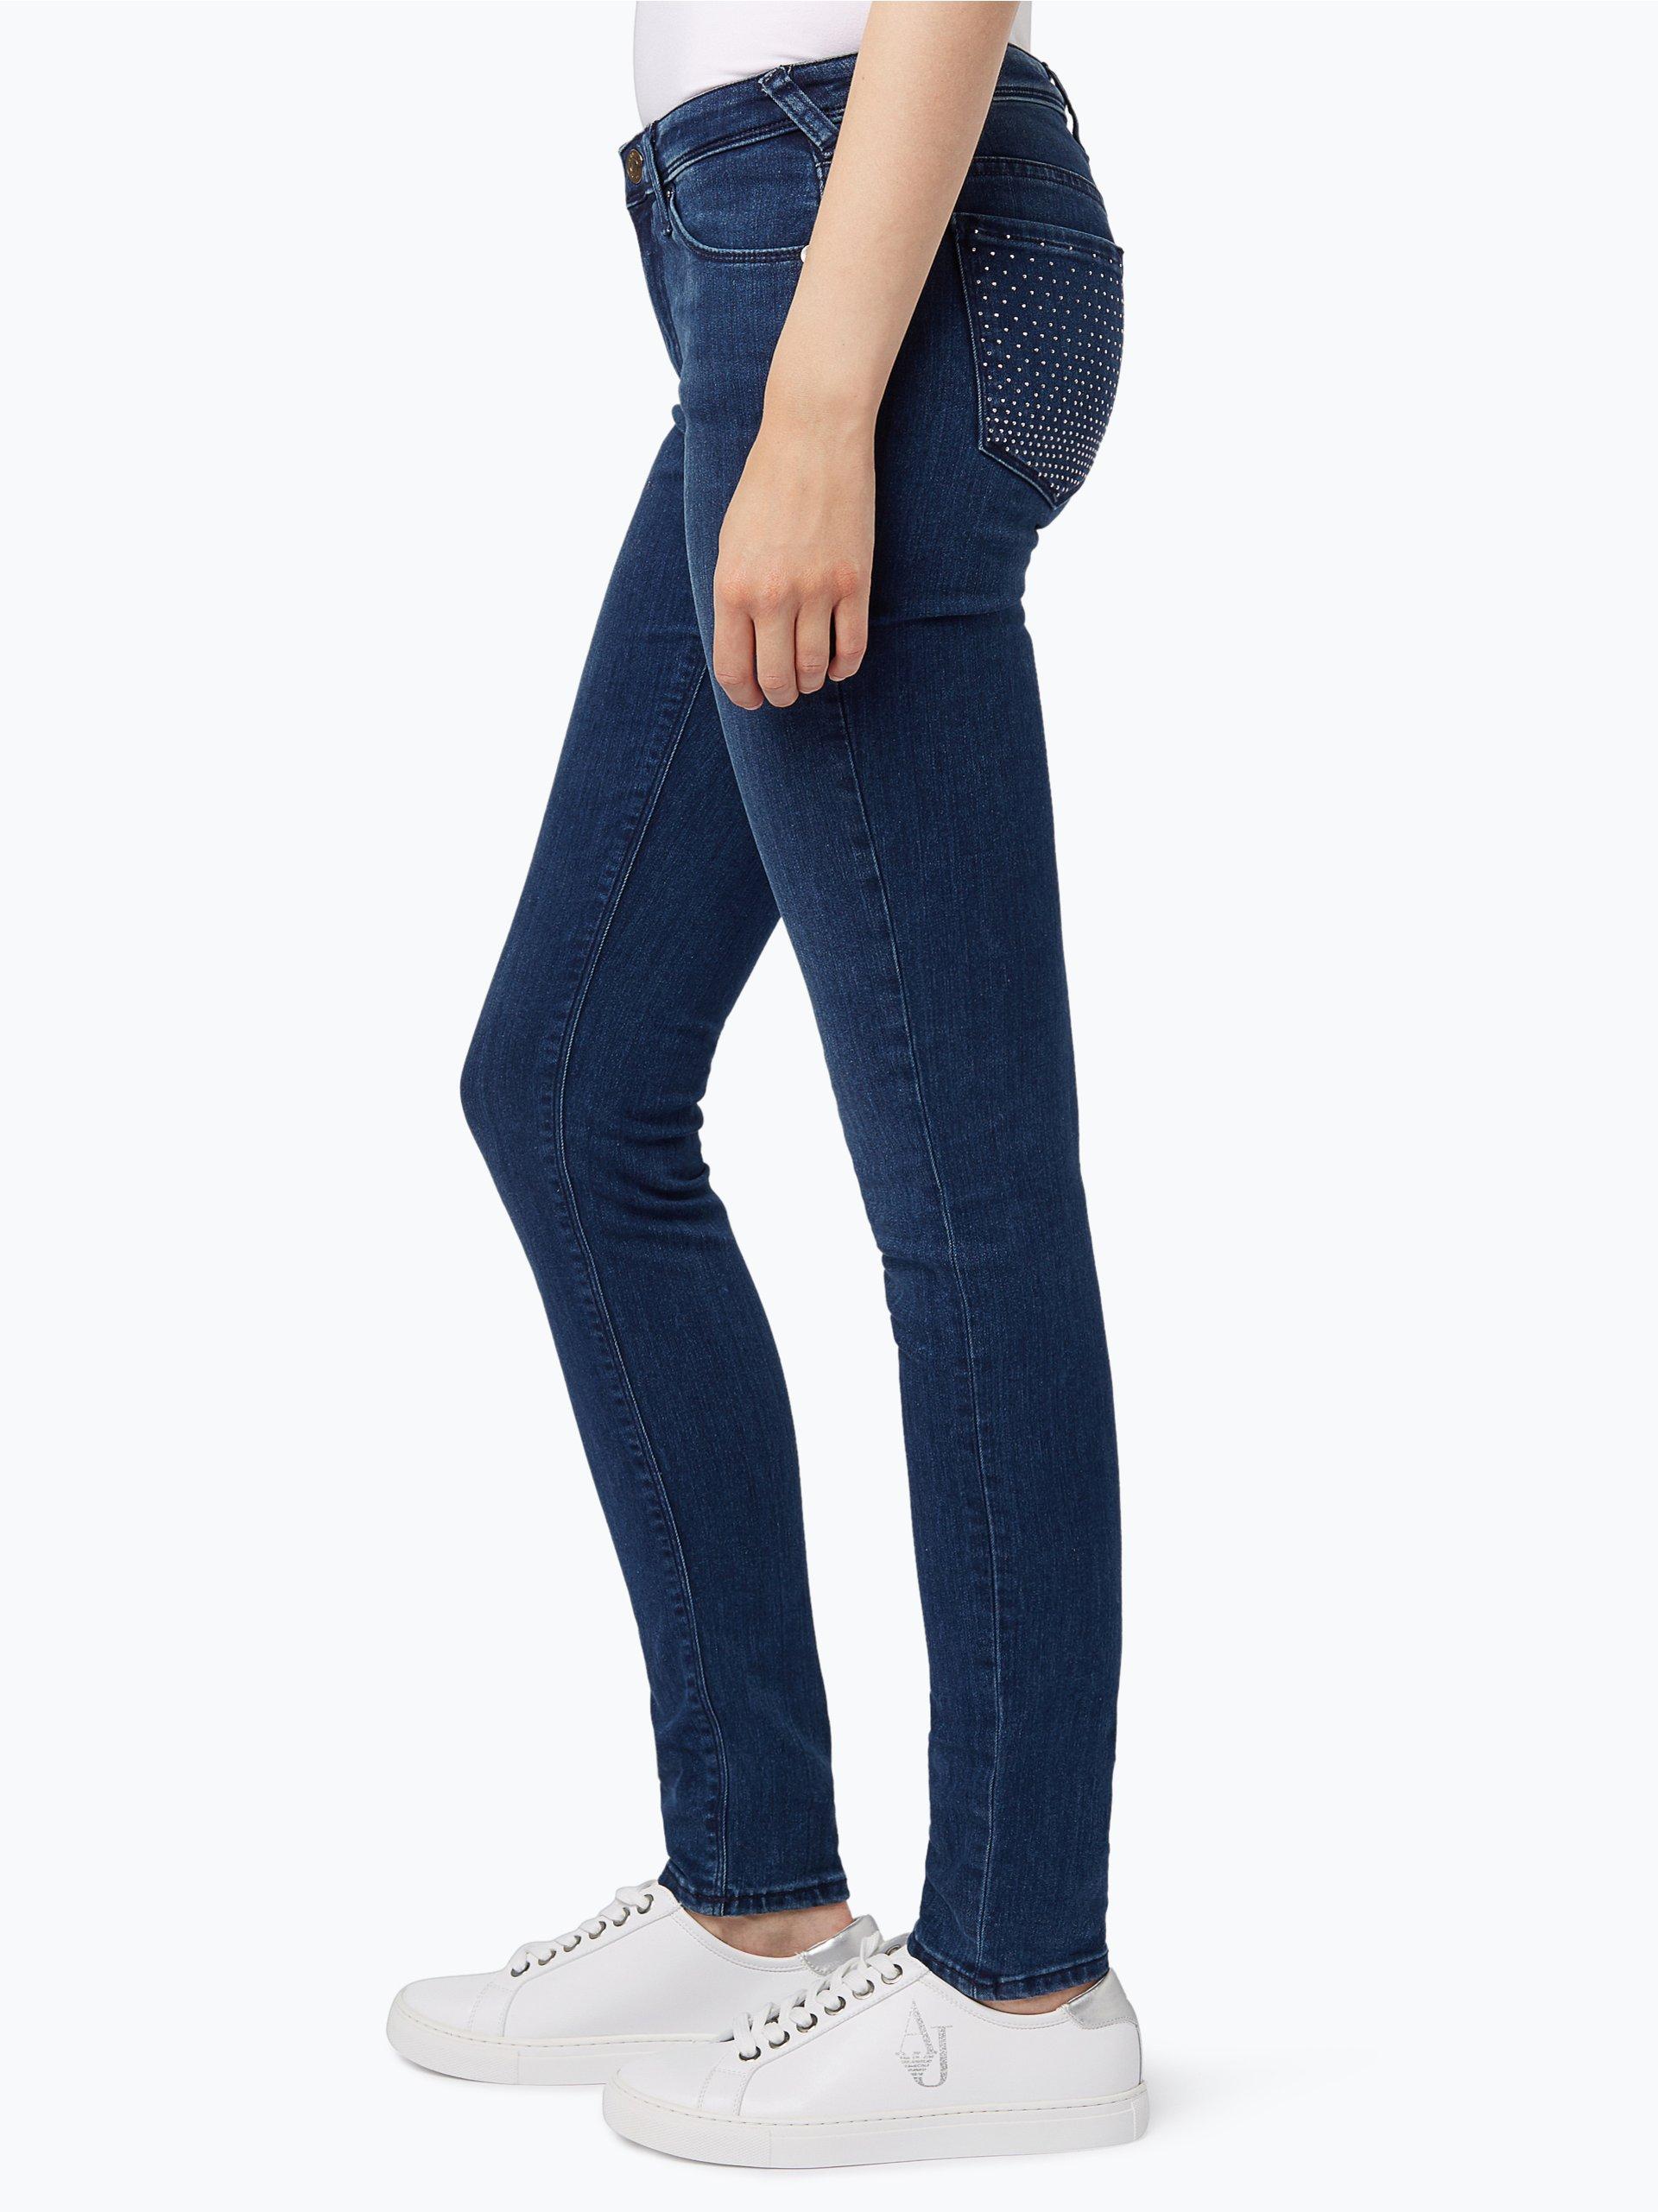 Armani Jeans Damen Jeans J28 Orchid Online Kaufen Peek